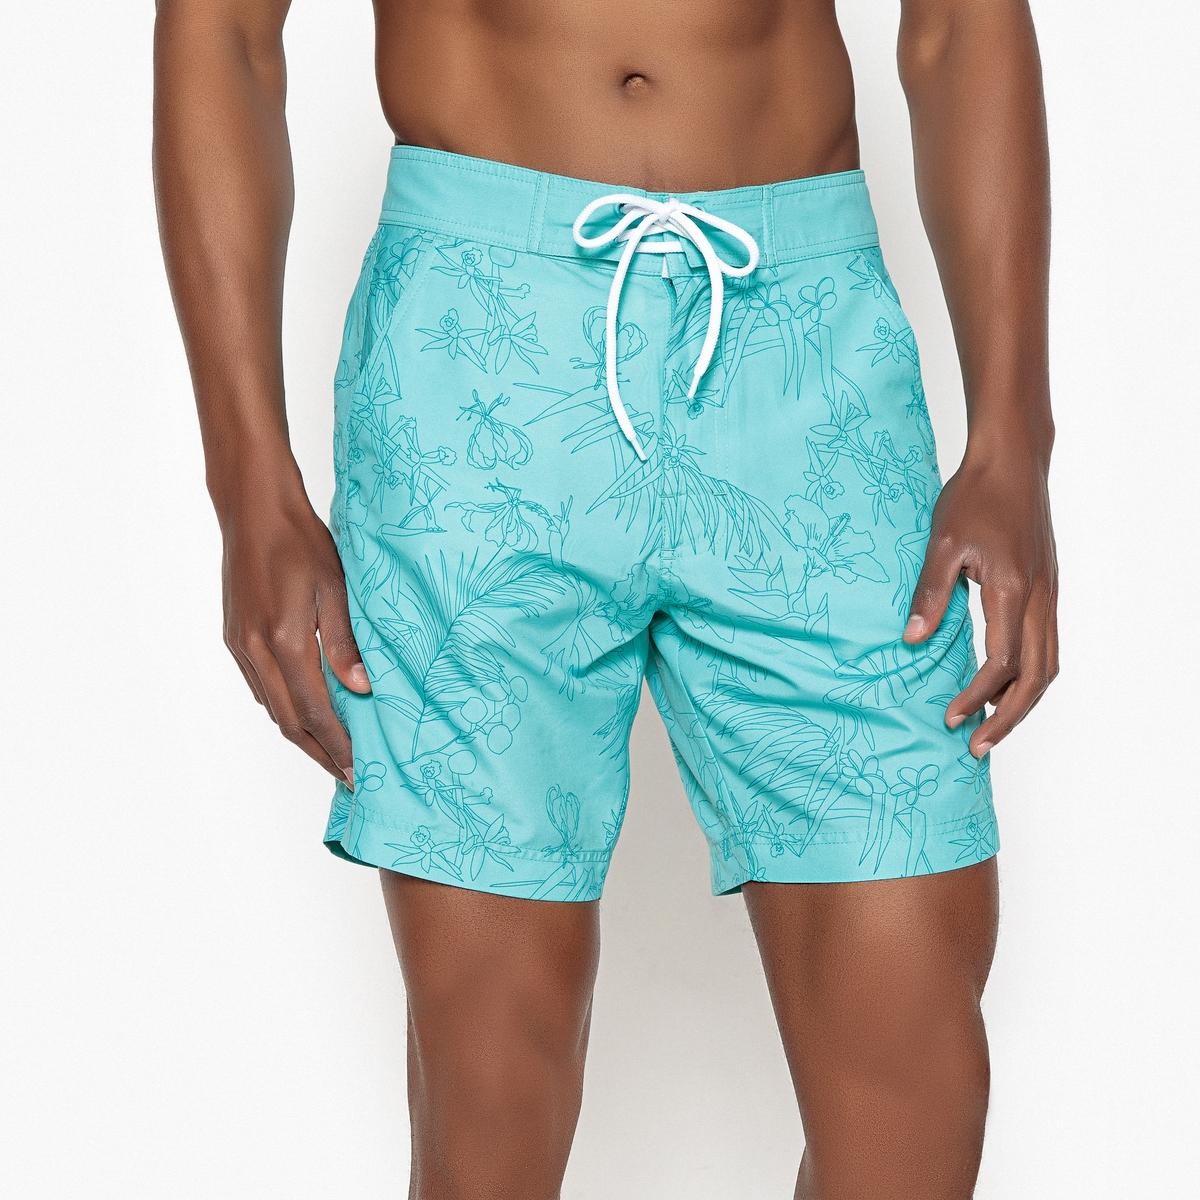 Шорты-плавки с цветочным рисунком Hawaï плавки шорты charmante плавки шорты